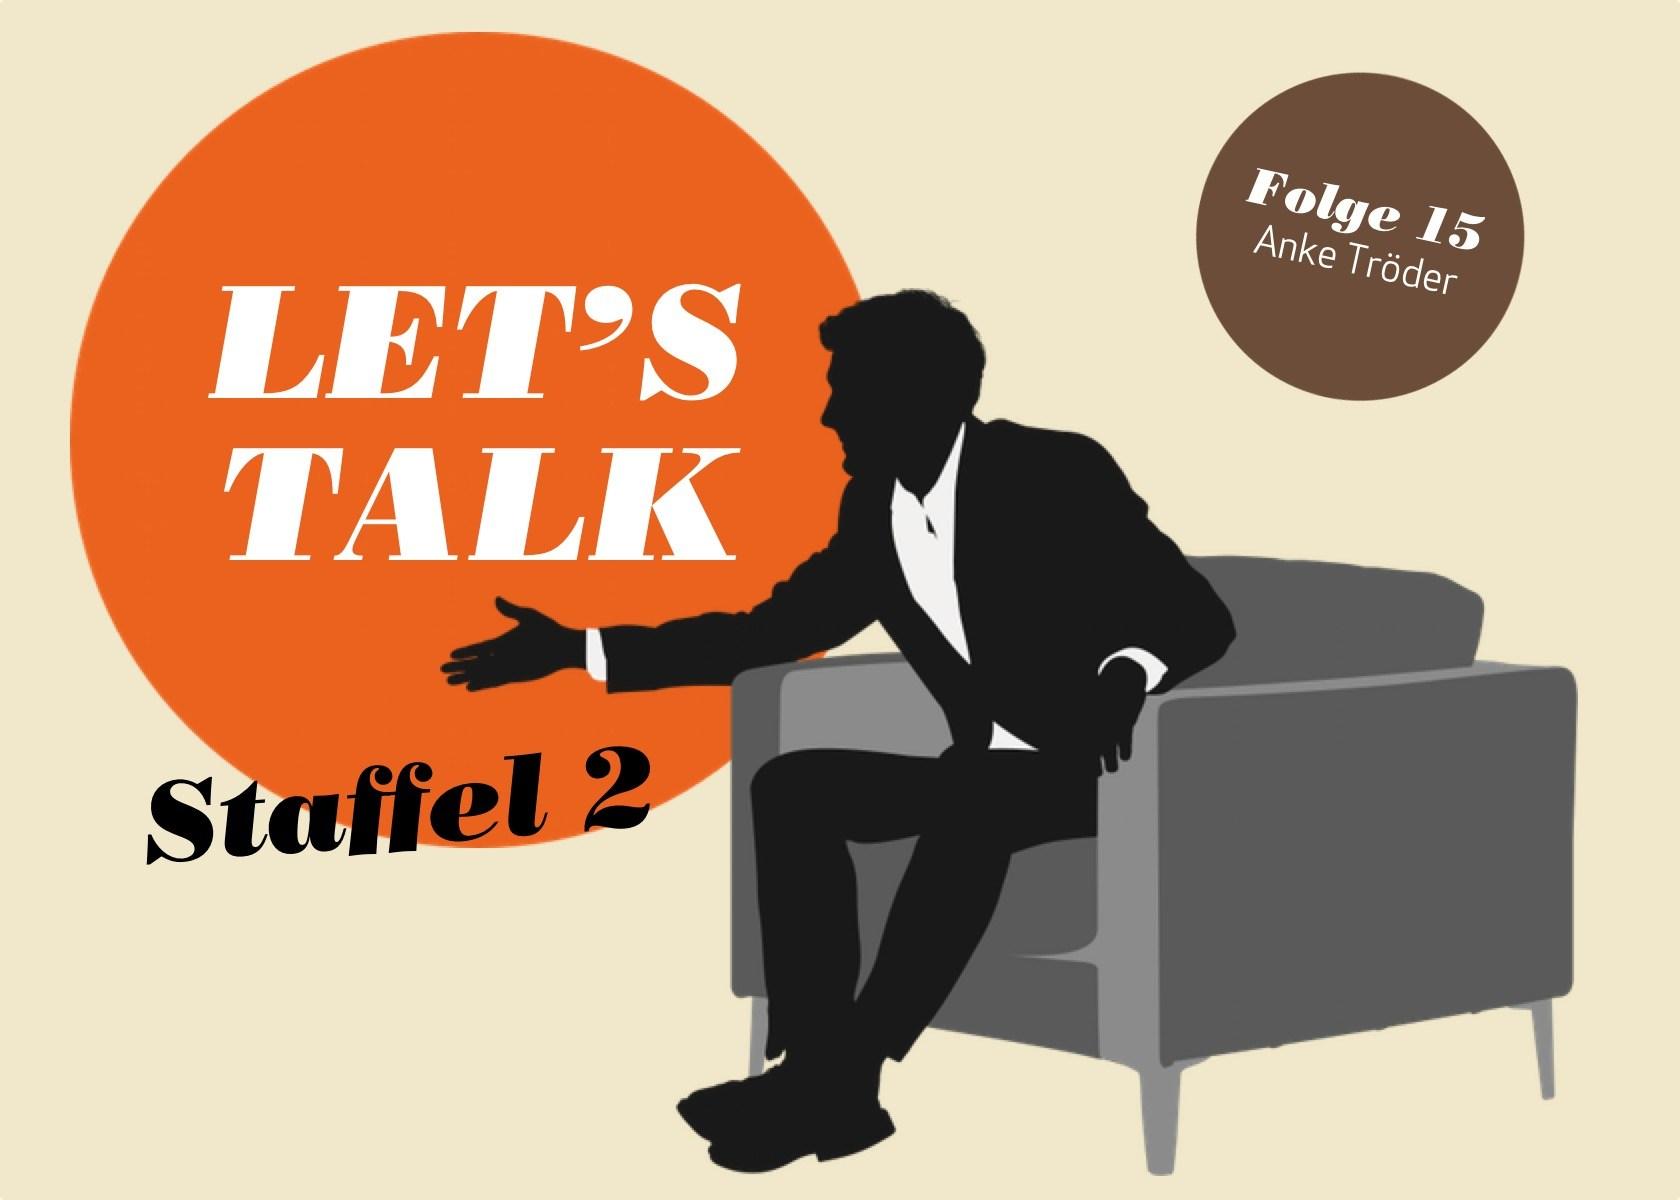 LetsTalk0215_CC_MichaelGerharz.jpg